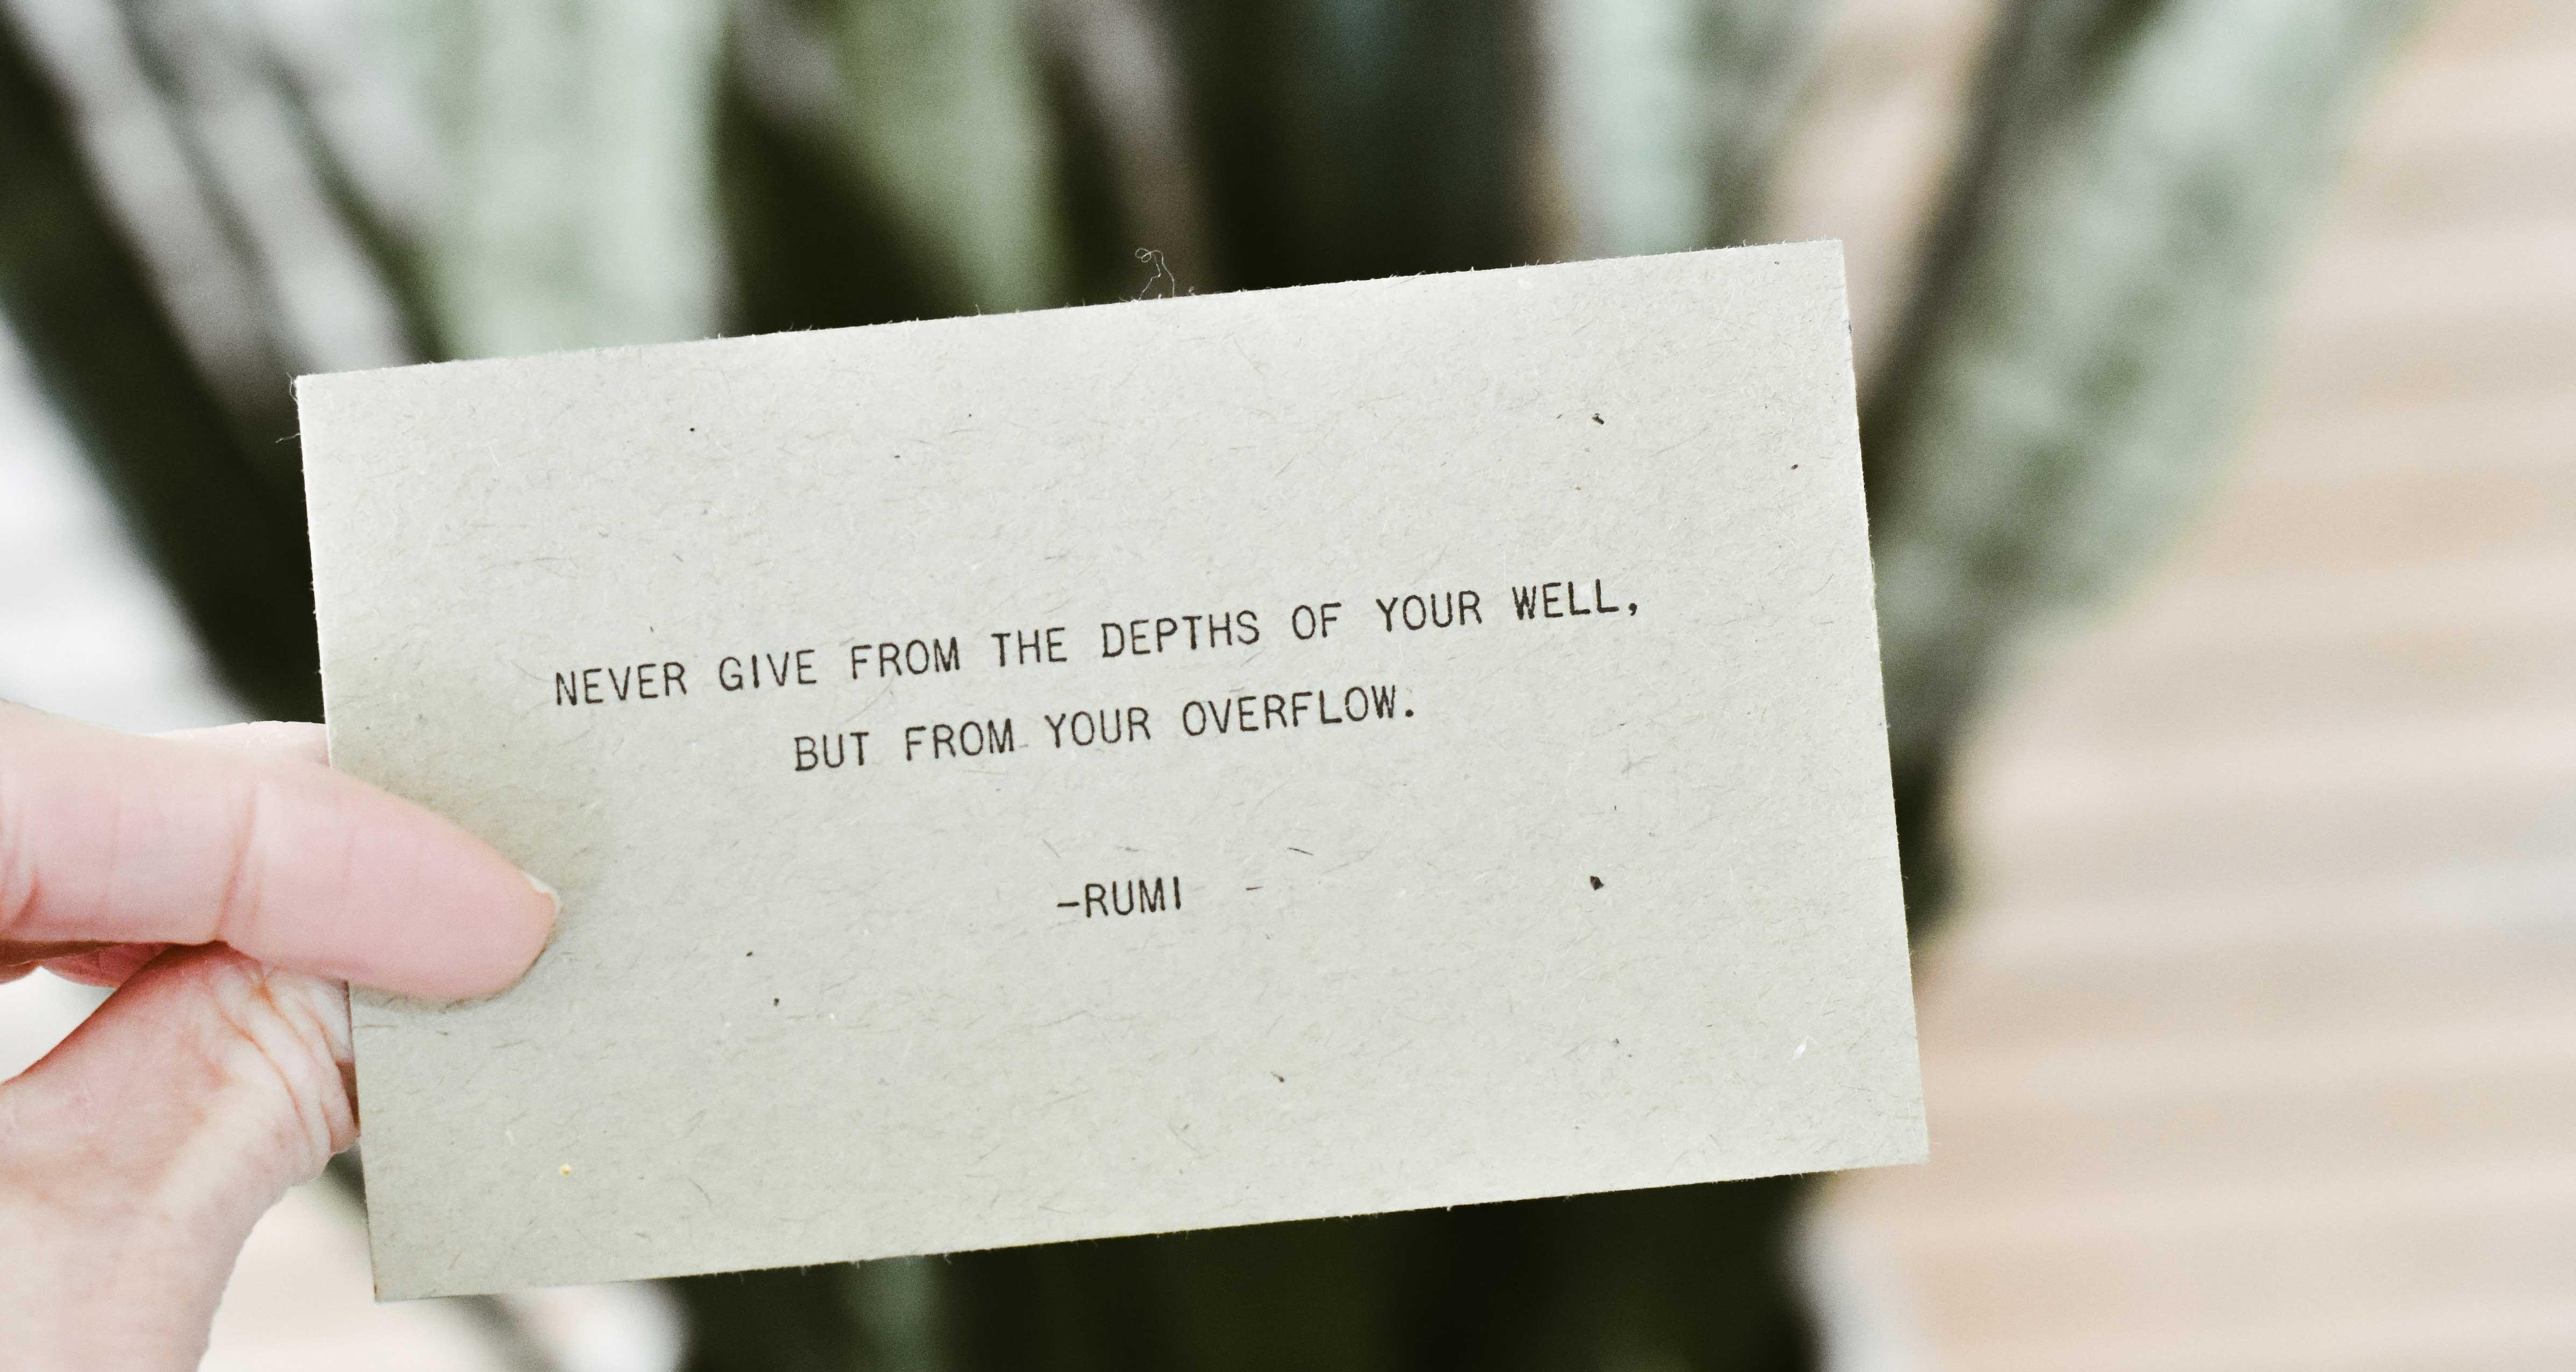 Wer ist Rumi?